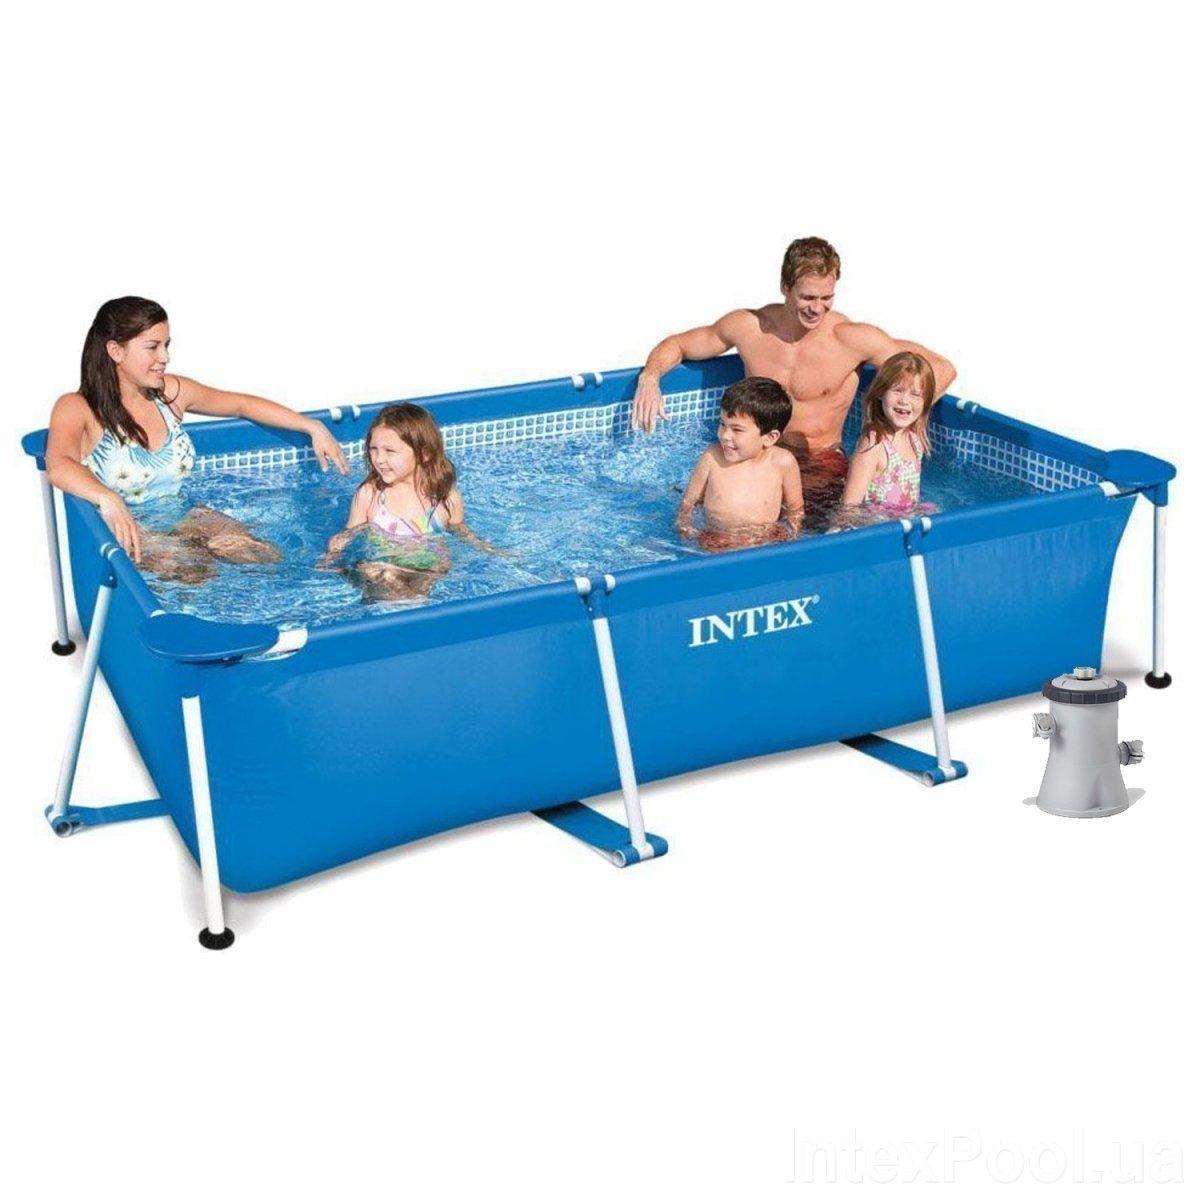 Каркасный бассейн Intex 28271 - 3, 260 х 160 х 65 см (1 250 л/ч, тент, подстилка)